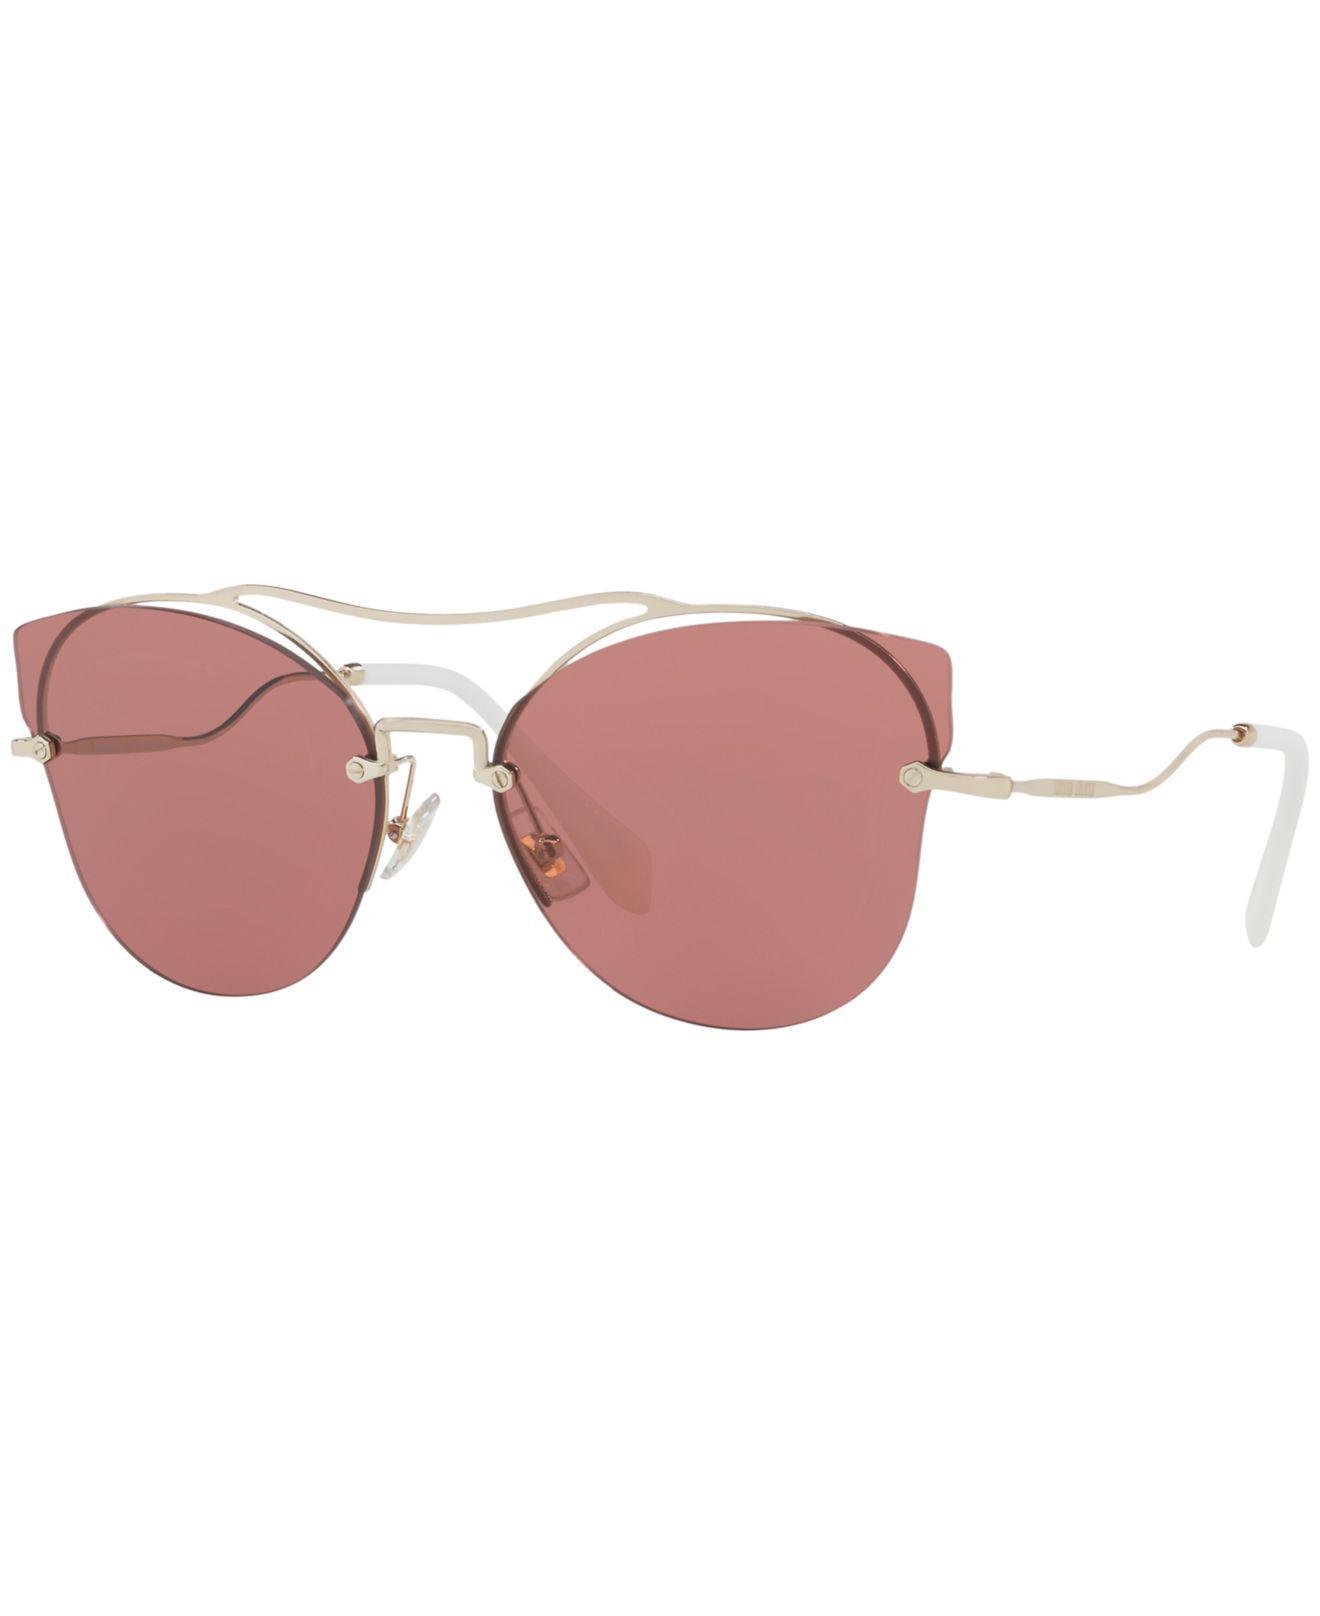 b7d75cd9470 Miu Miu. Women s Sunglasses